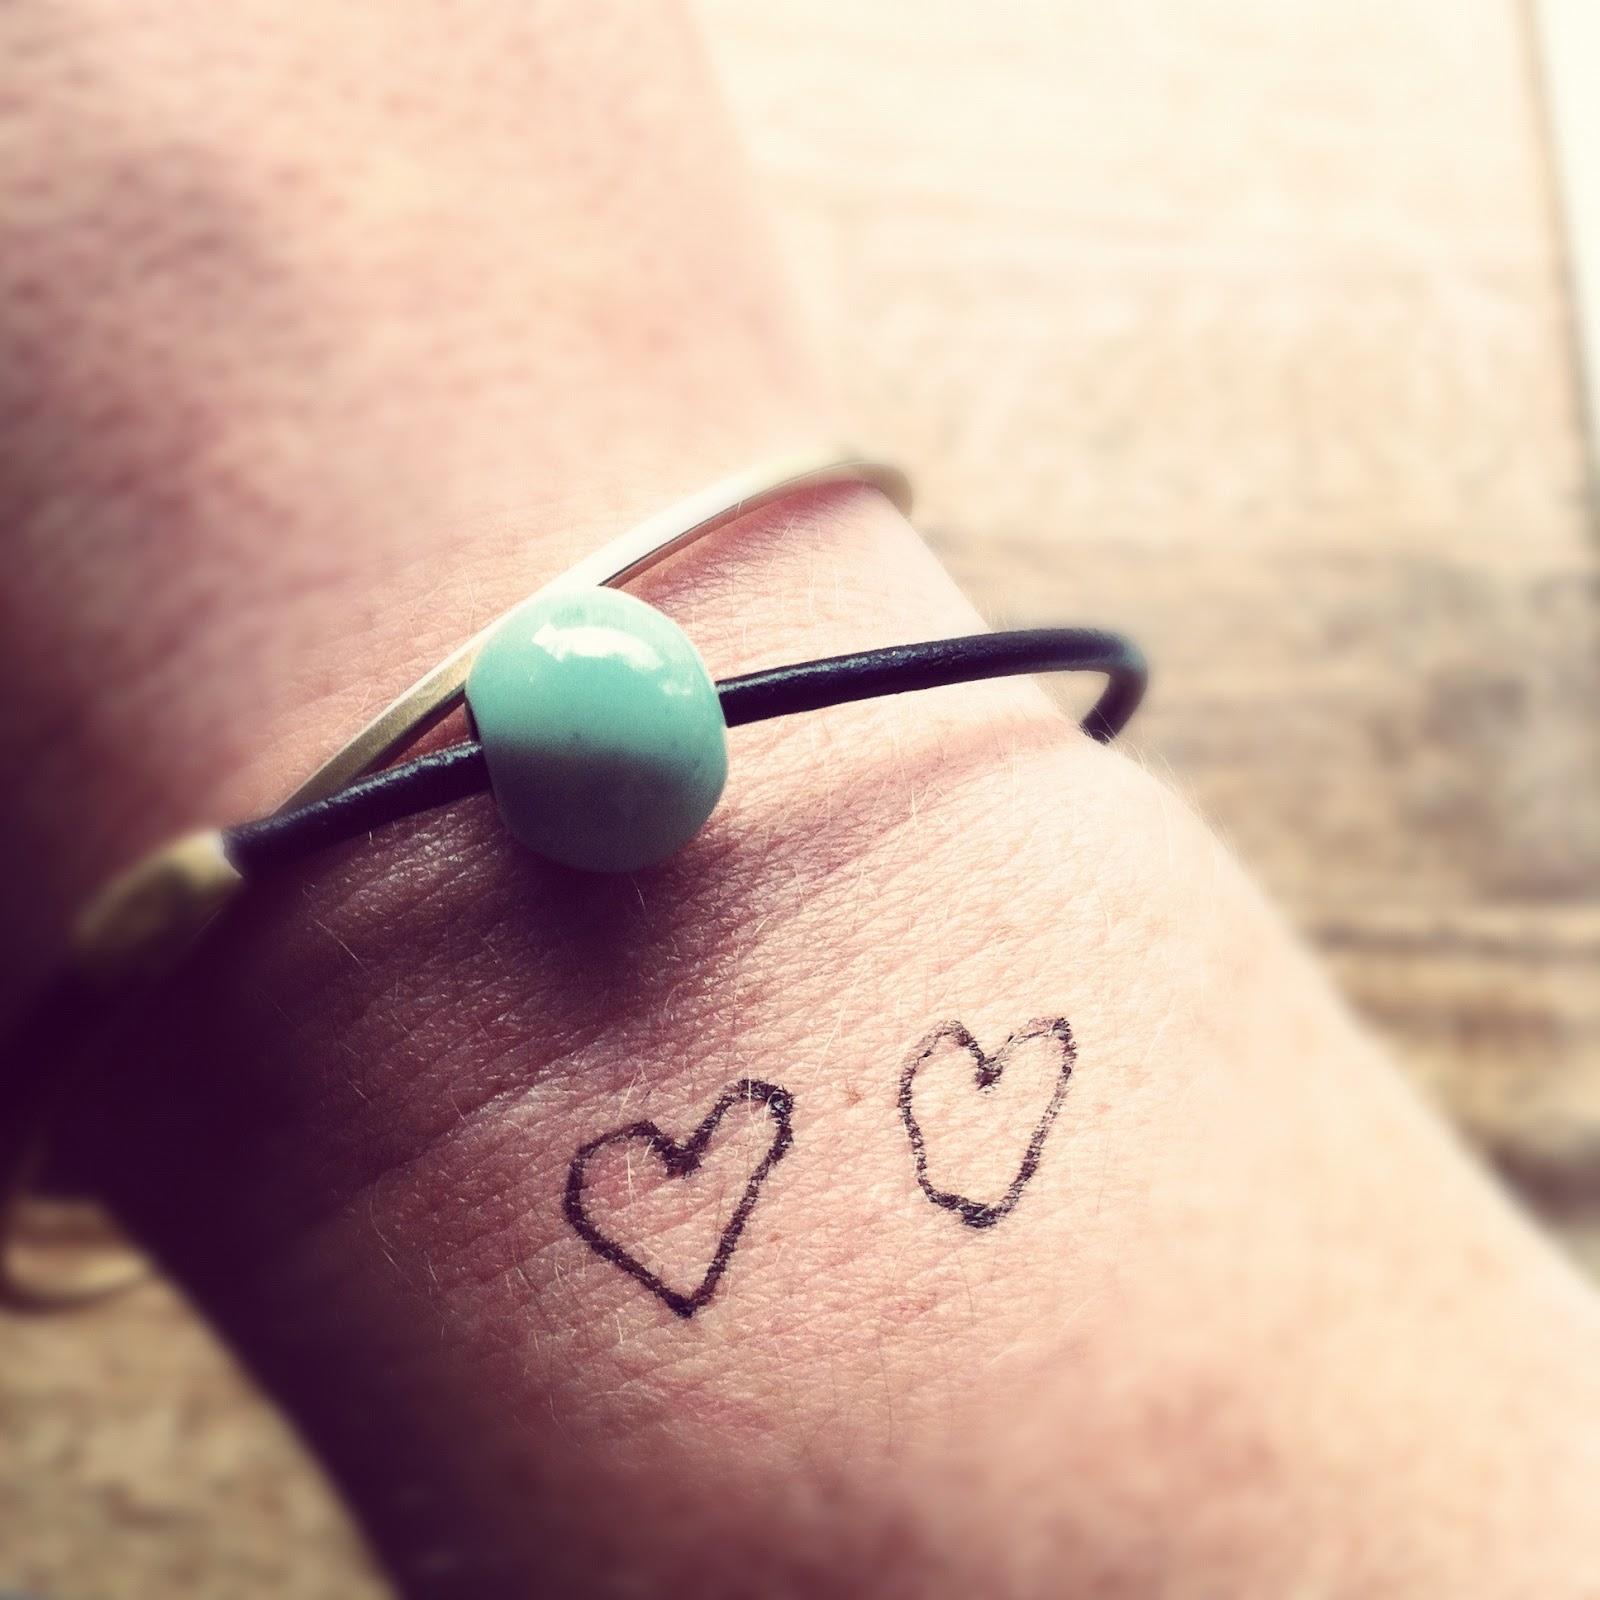 hjerte tattoo på håndled